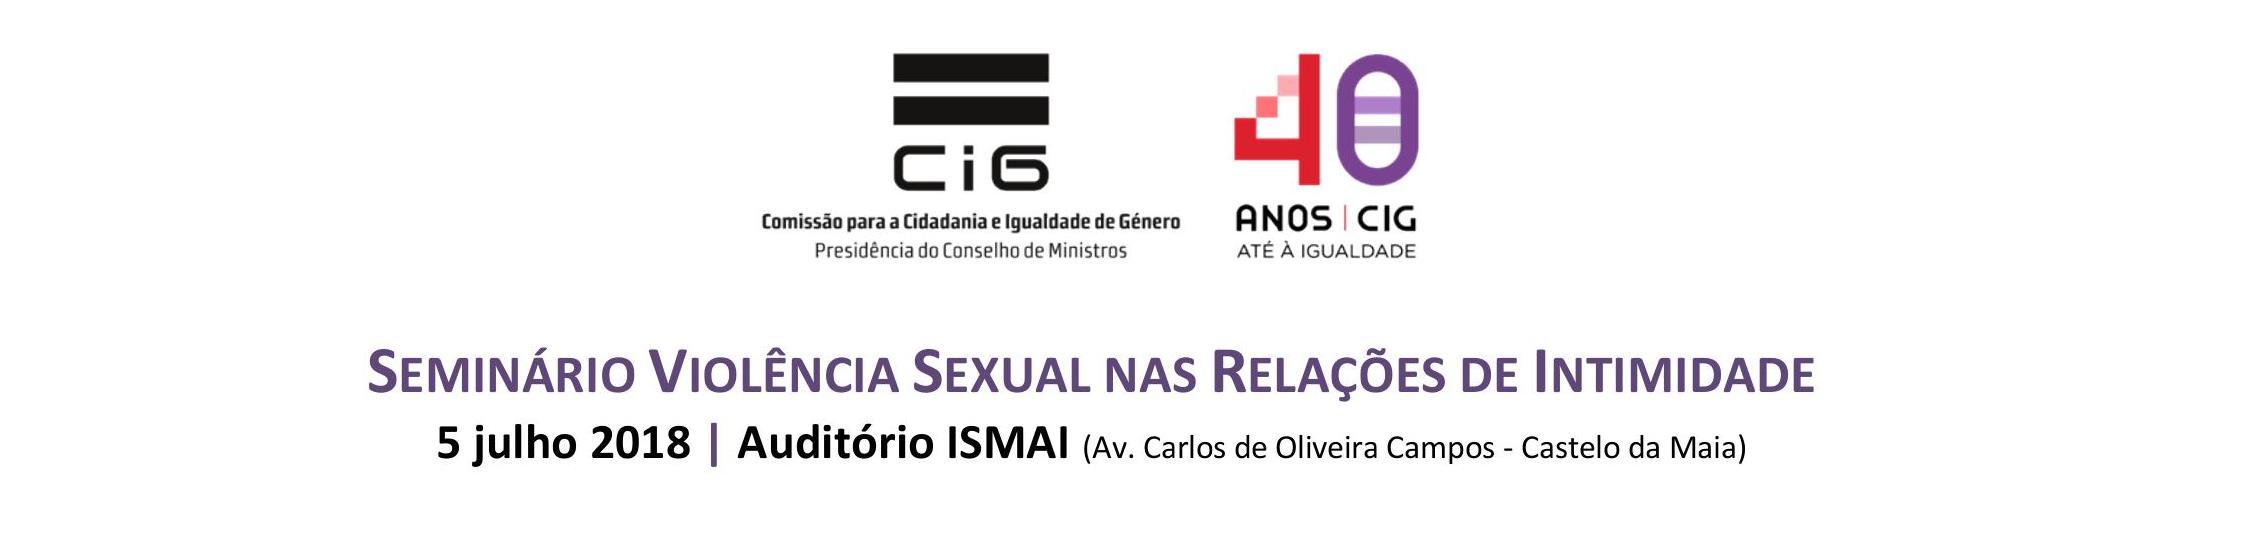 """Seminário """"Violência Sexual nas Relações de Intimidade"""", na Maia"""